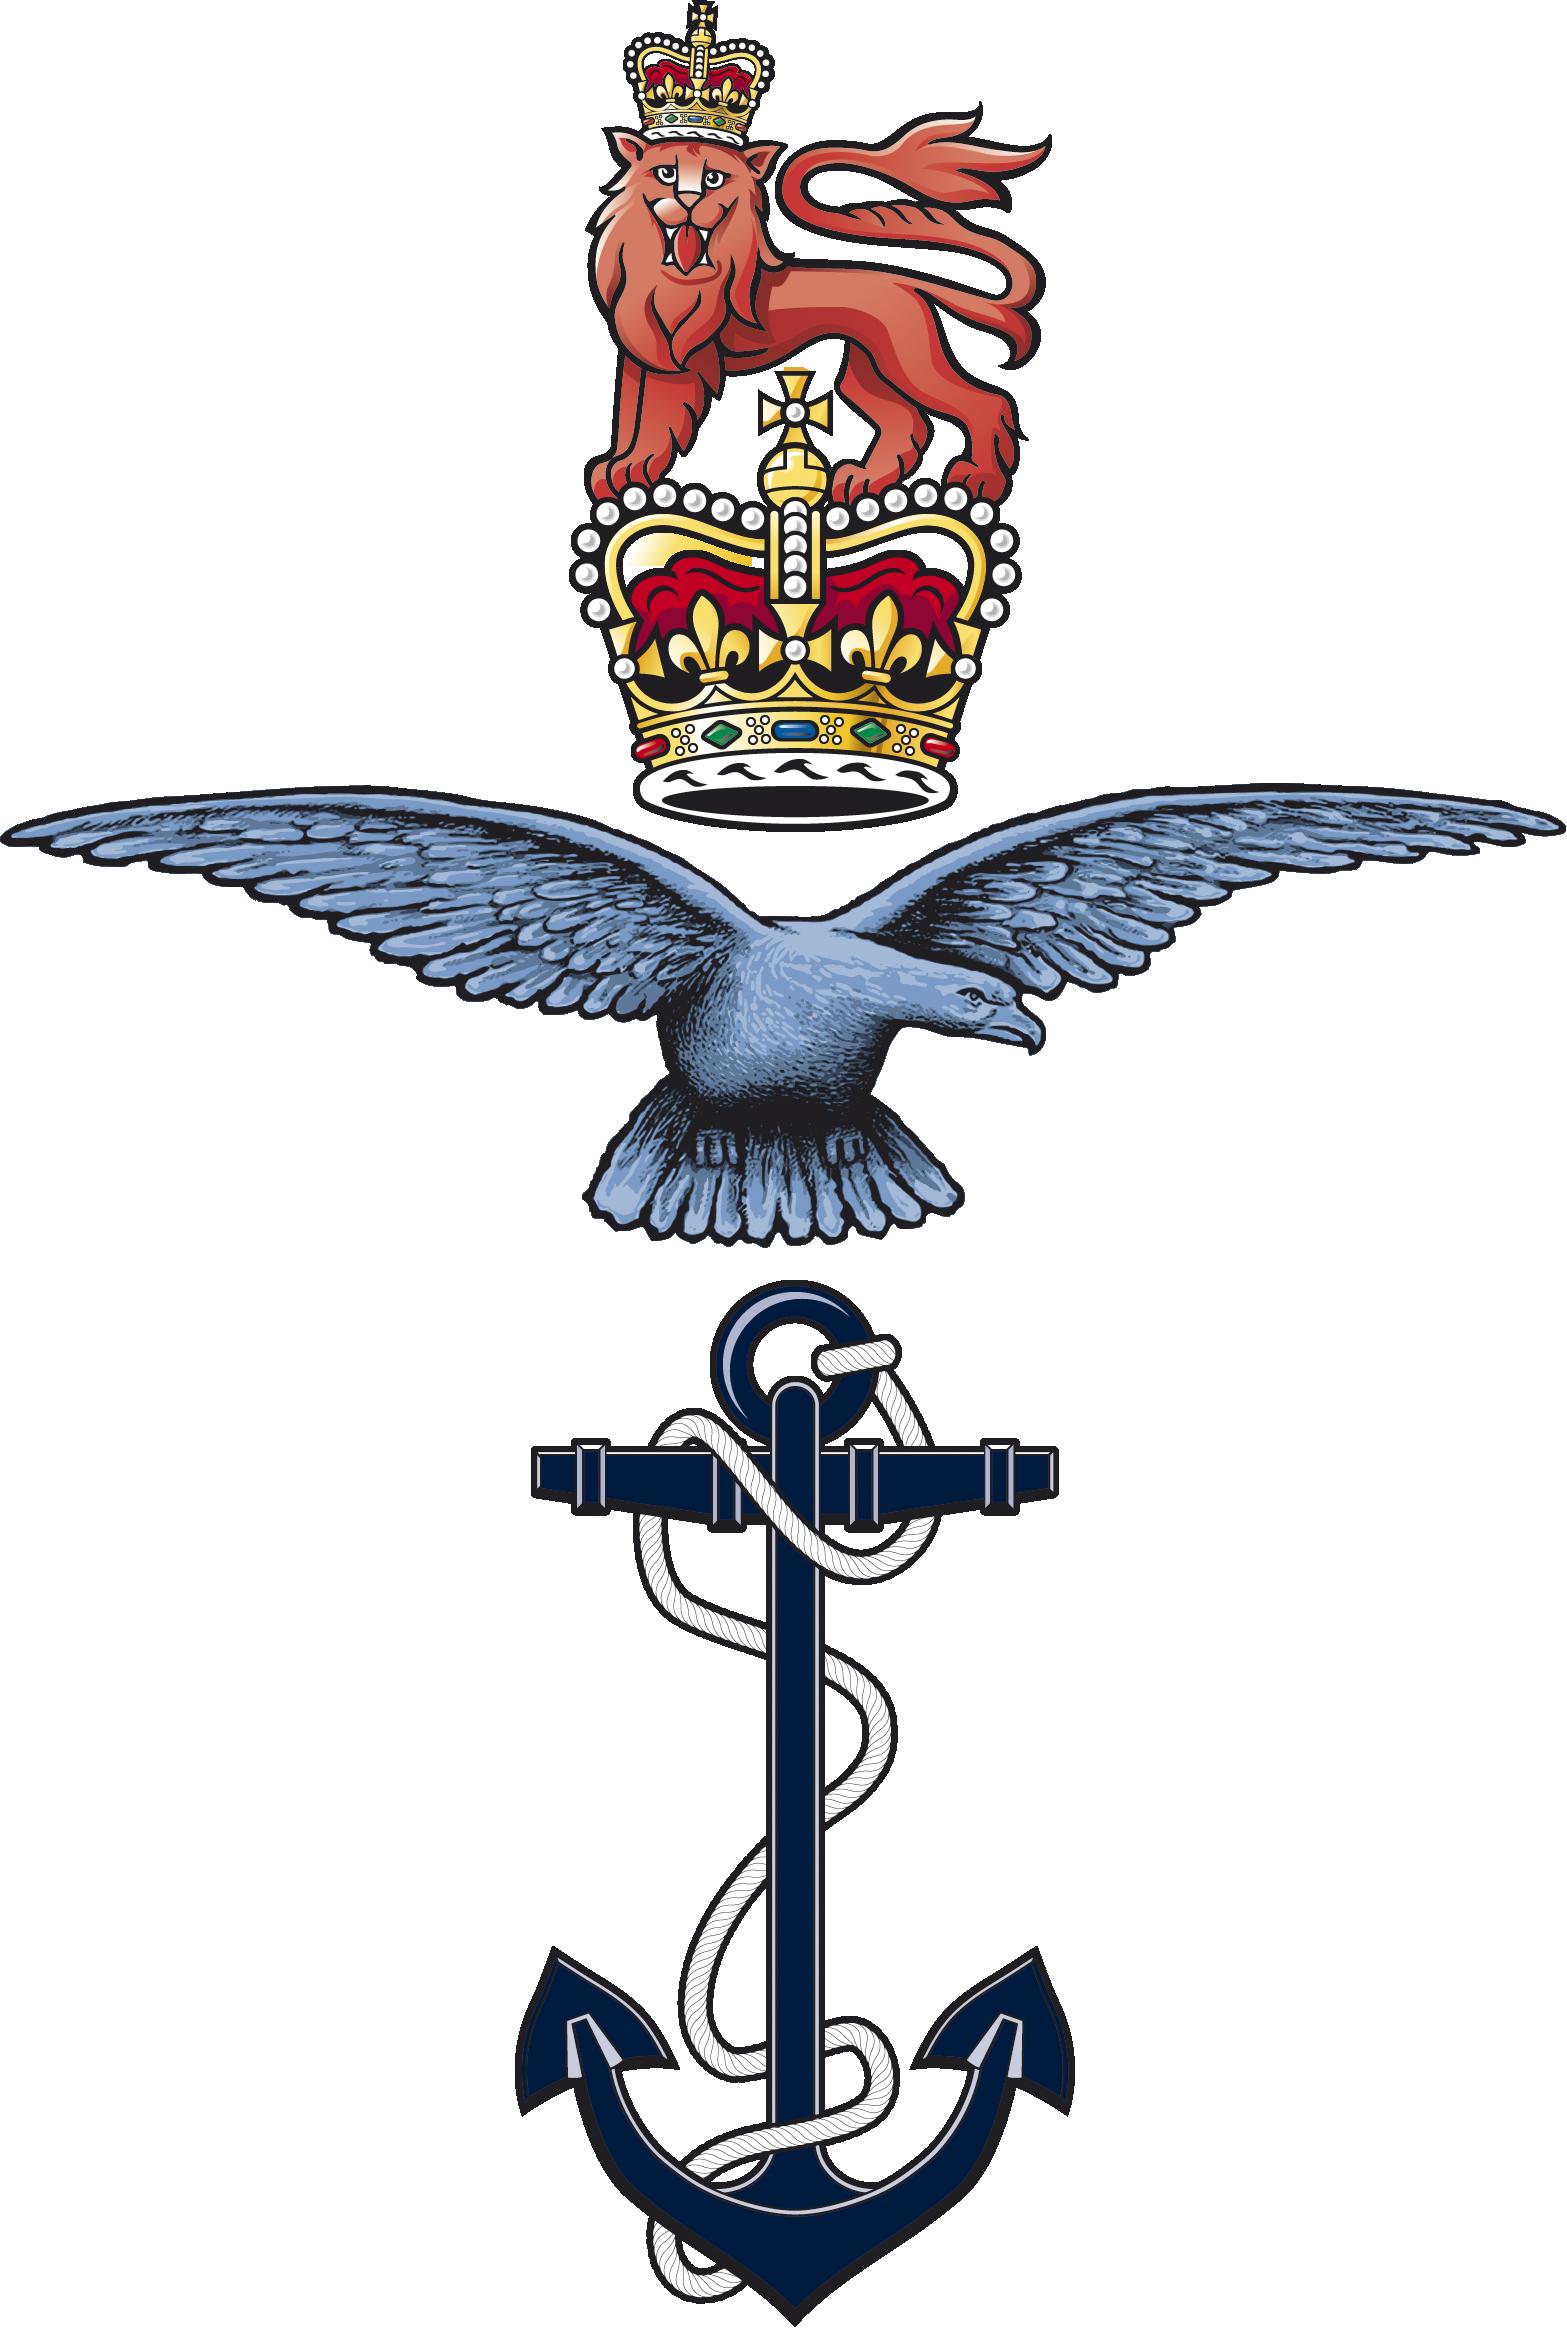 UKAK Formal logo 1mb